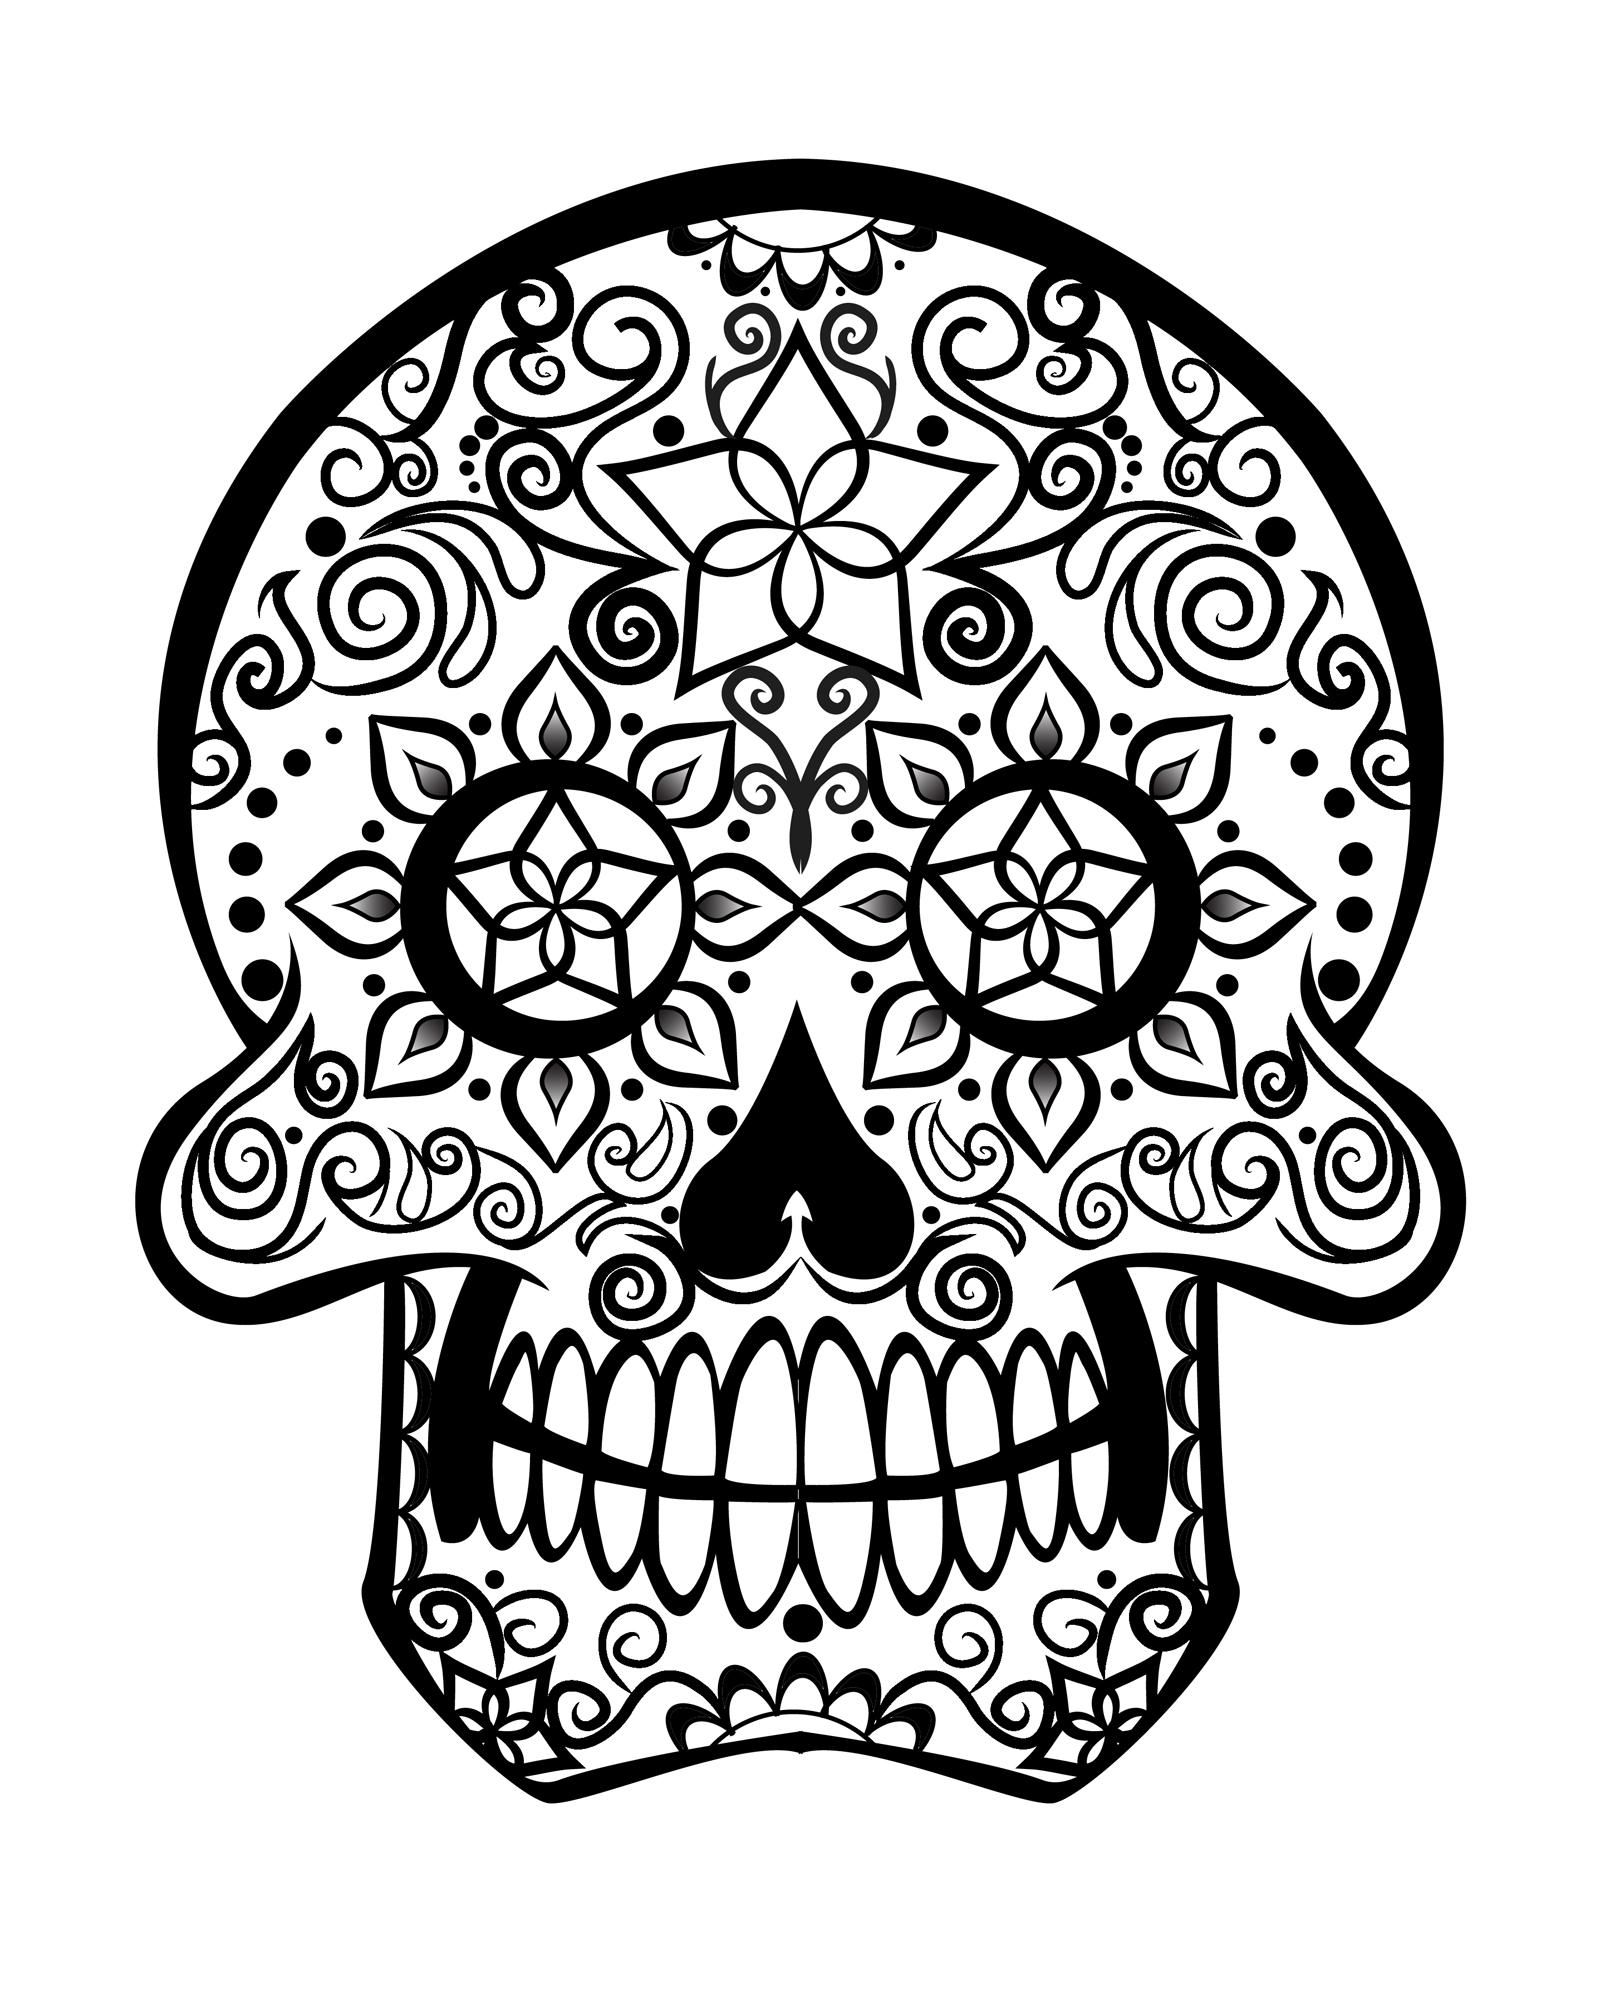 Sugar Skull Pin Up Drawing at GetDrawings | Free download